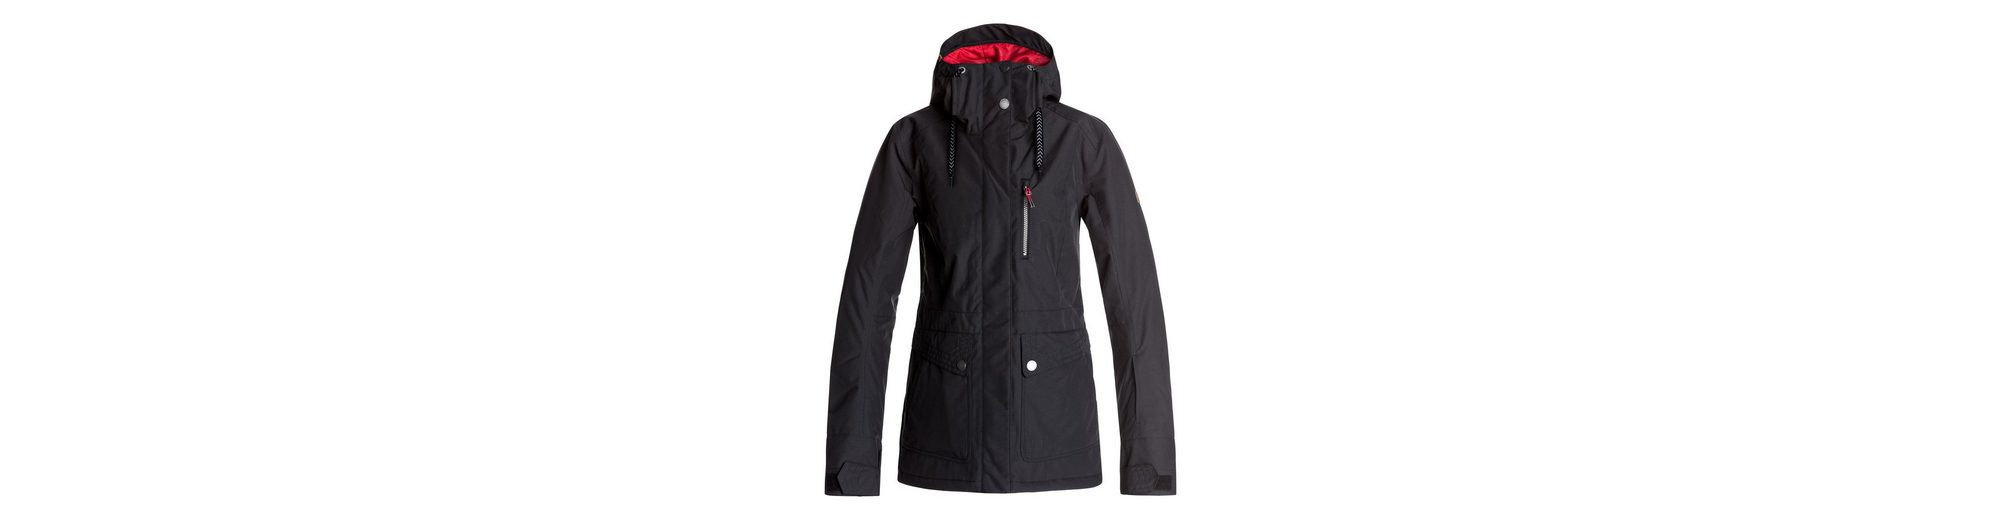 Preise Günstiger Preis Günstig Kaufen Shop Roxy Snow Jacke Andie Rabatt Sast Spielraum Gut Verkaufen Günstige Online a2fcVDnU